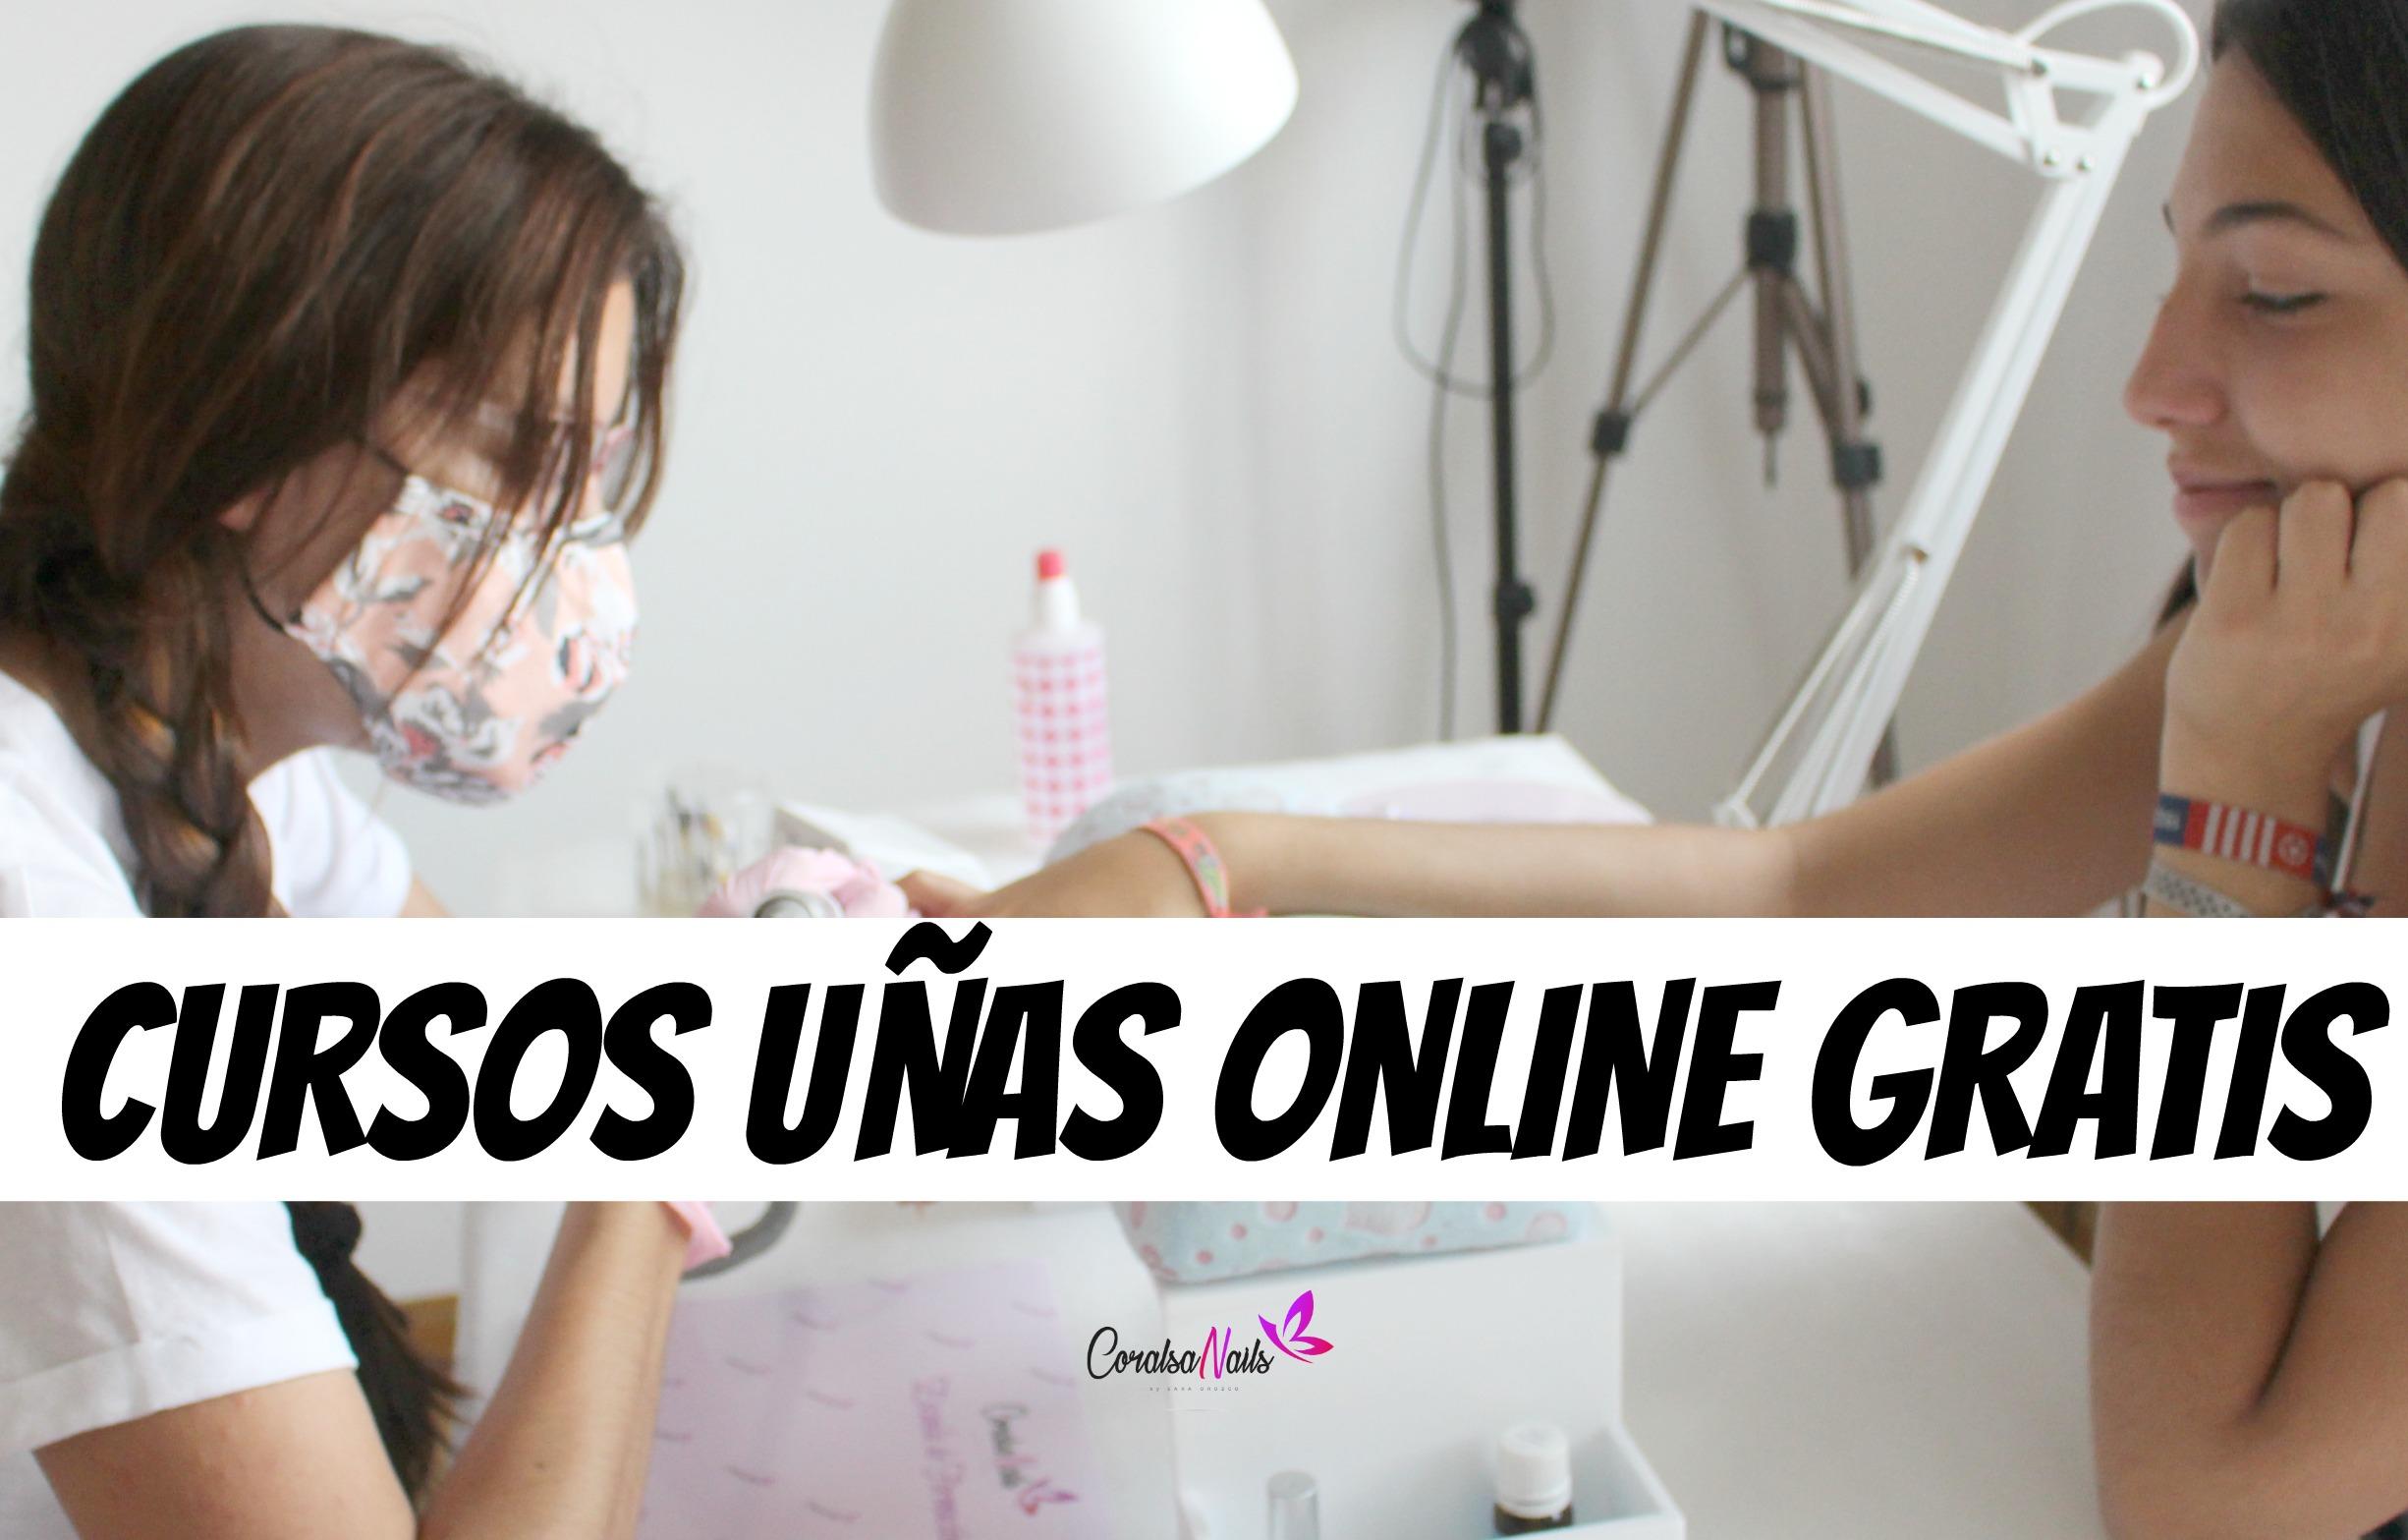 Curso Online Gratis de Uñas  ¡APÚNTATE!  Presentación